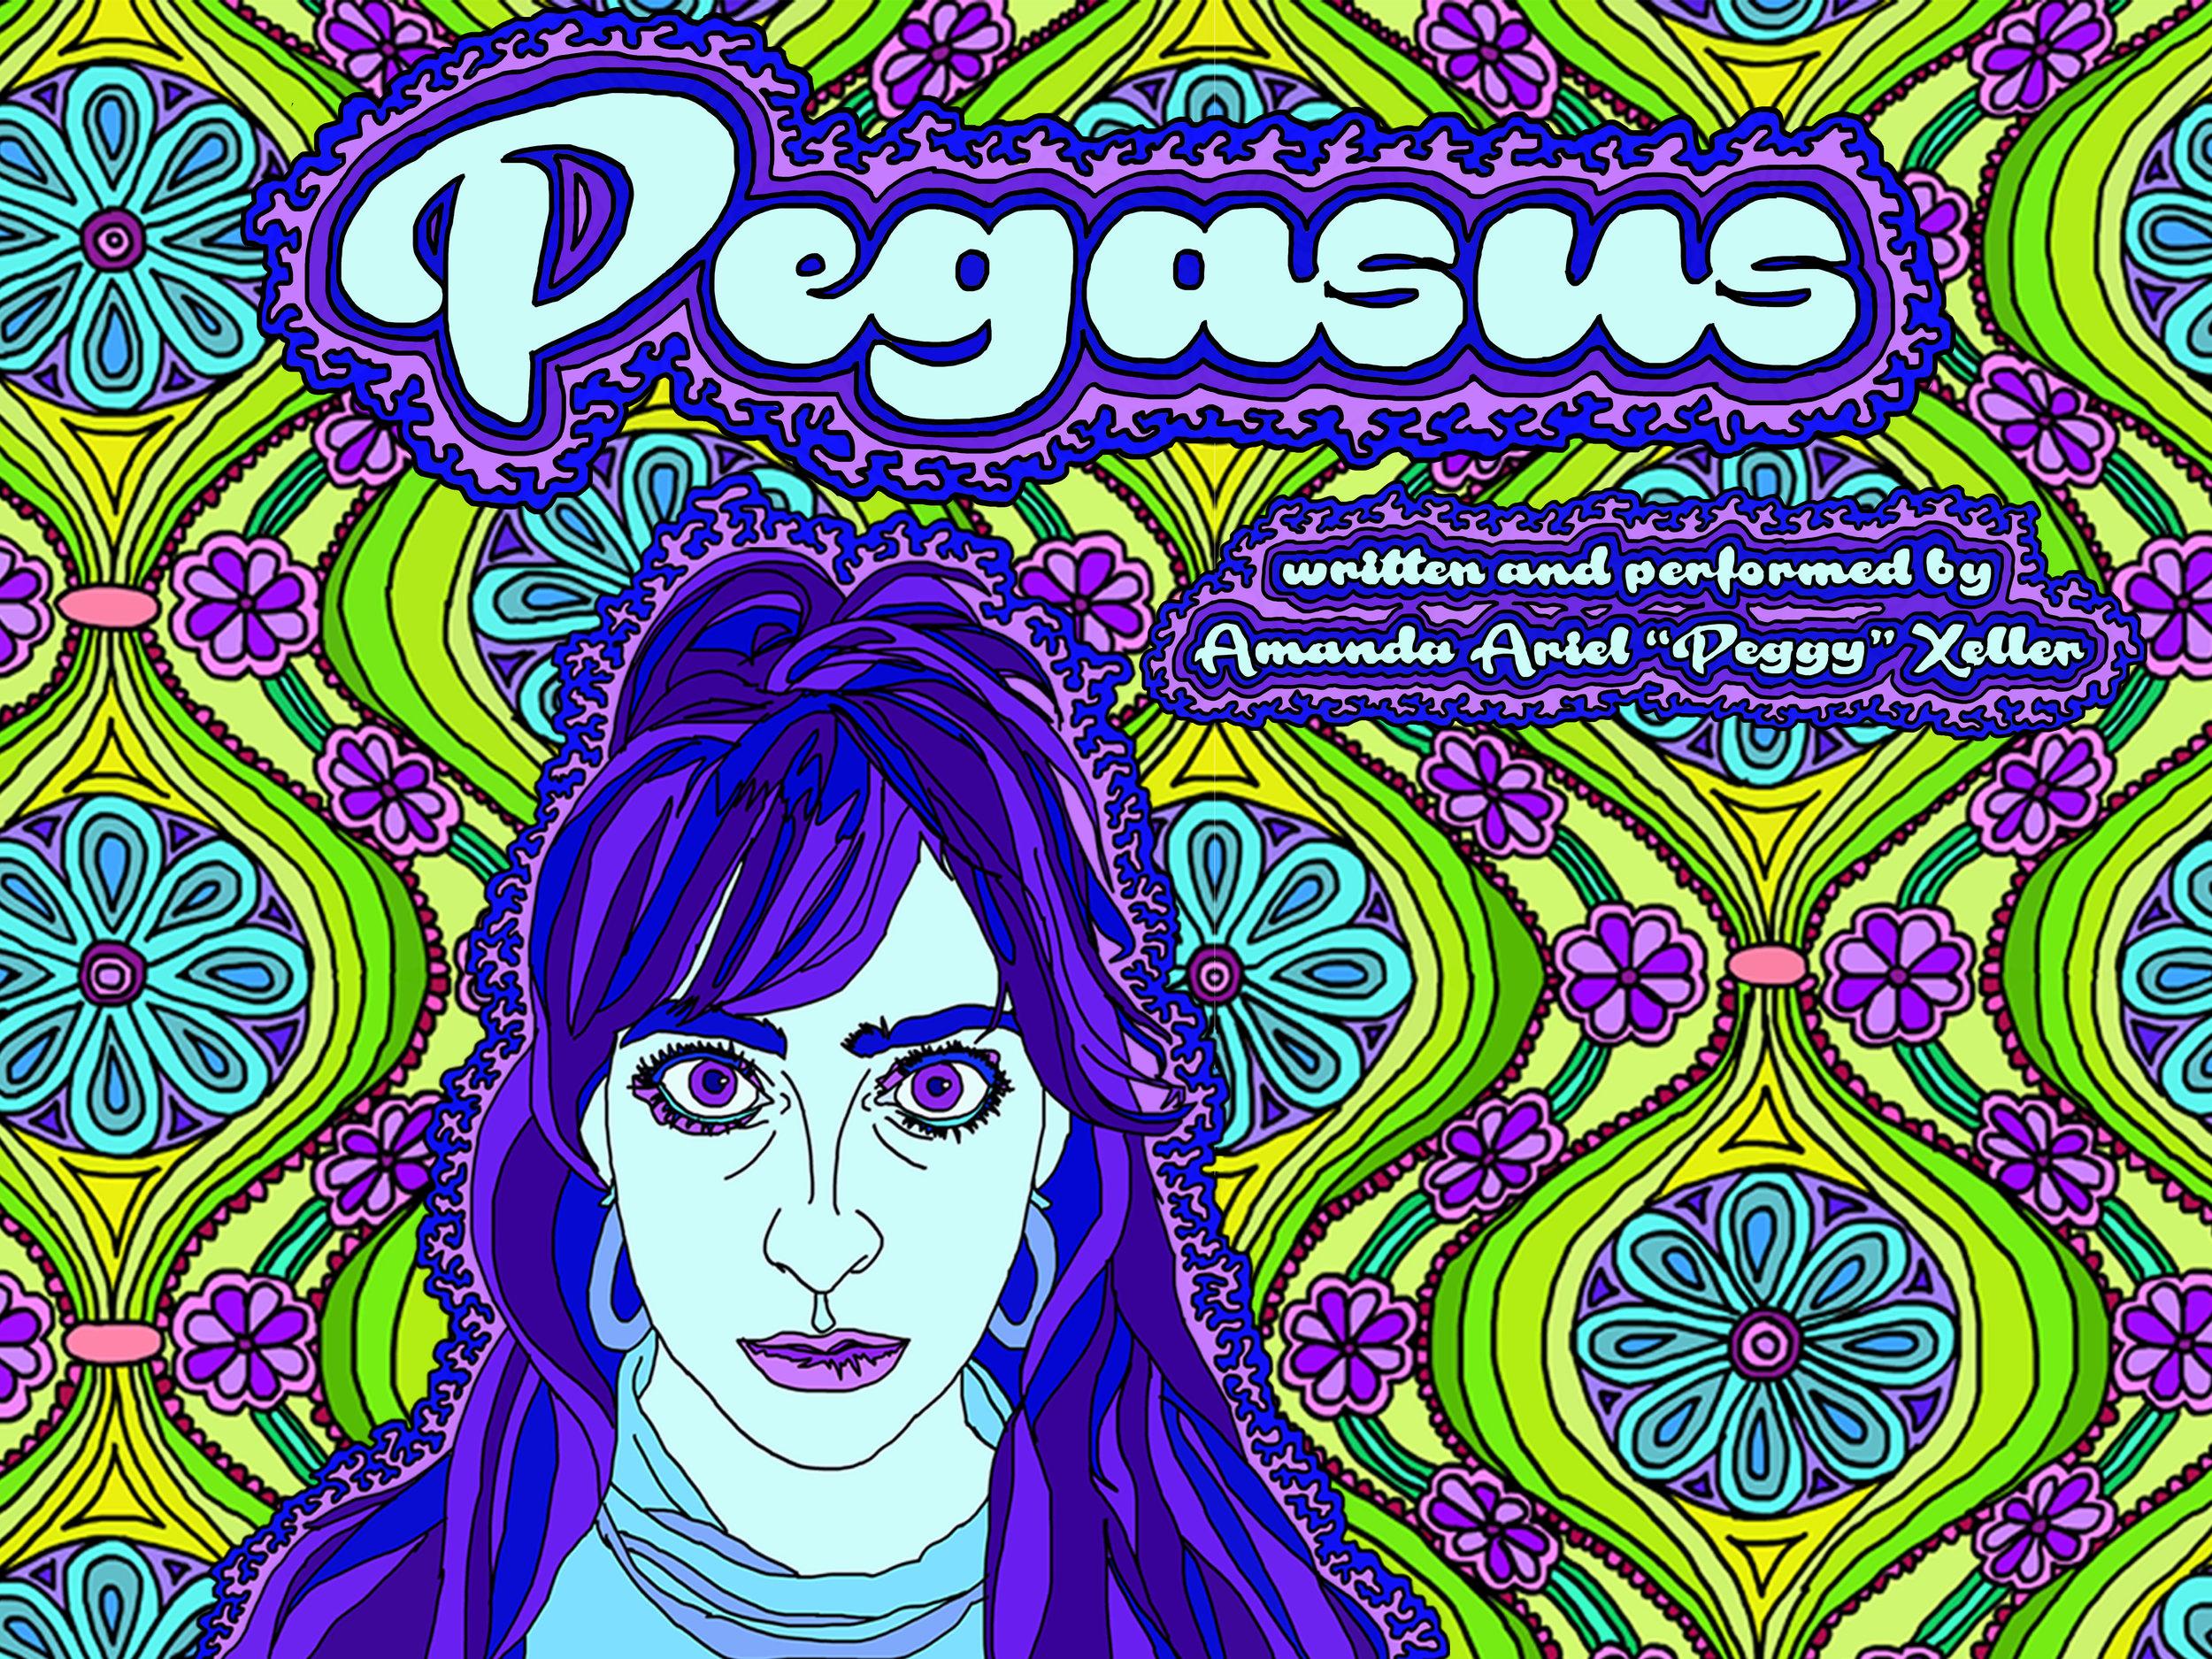 pegasus montreal sketchfest.jpg